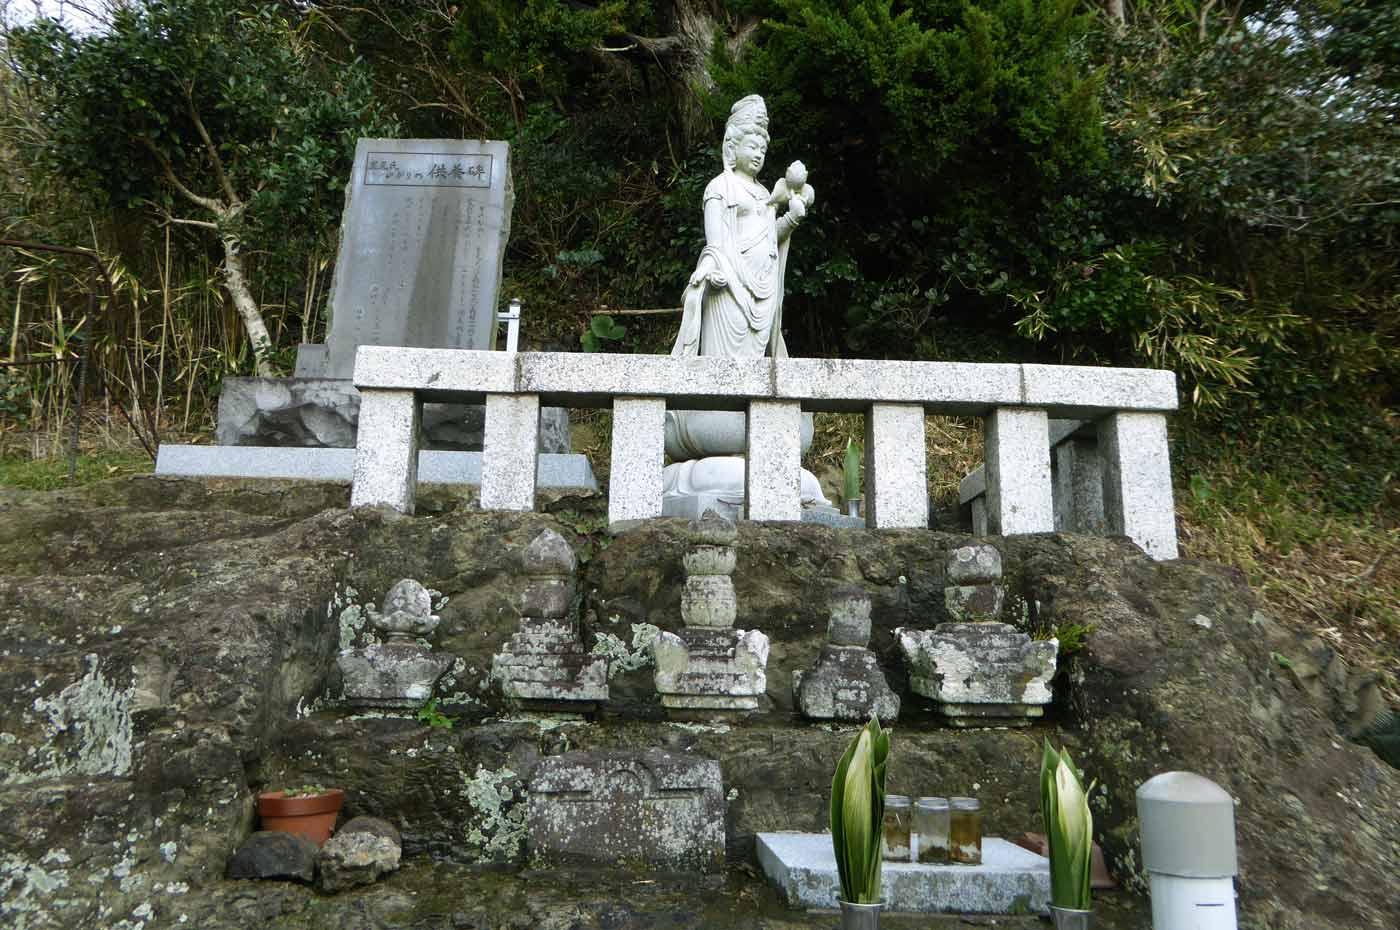 里見氏の墓のアップ画像